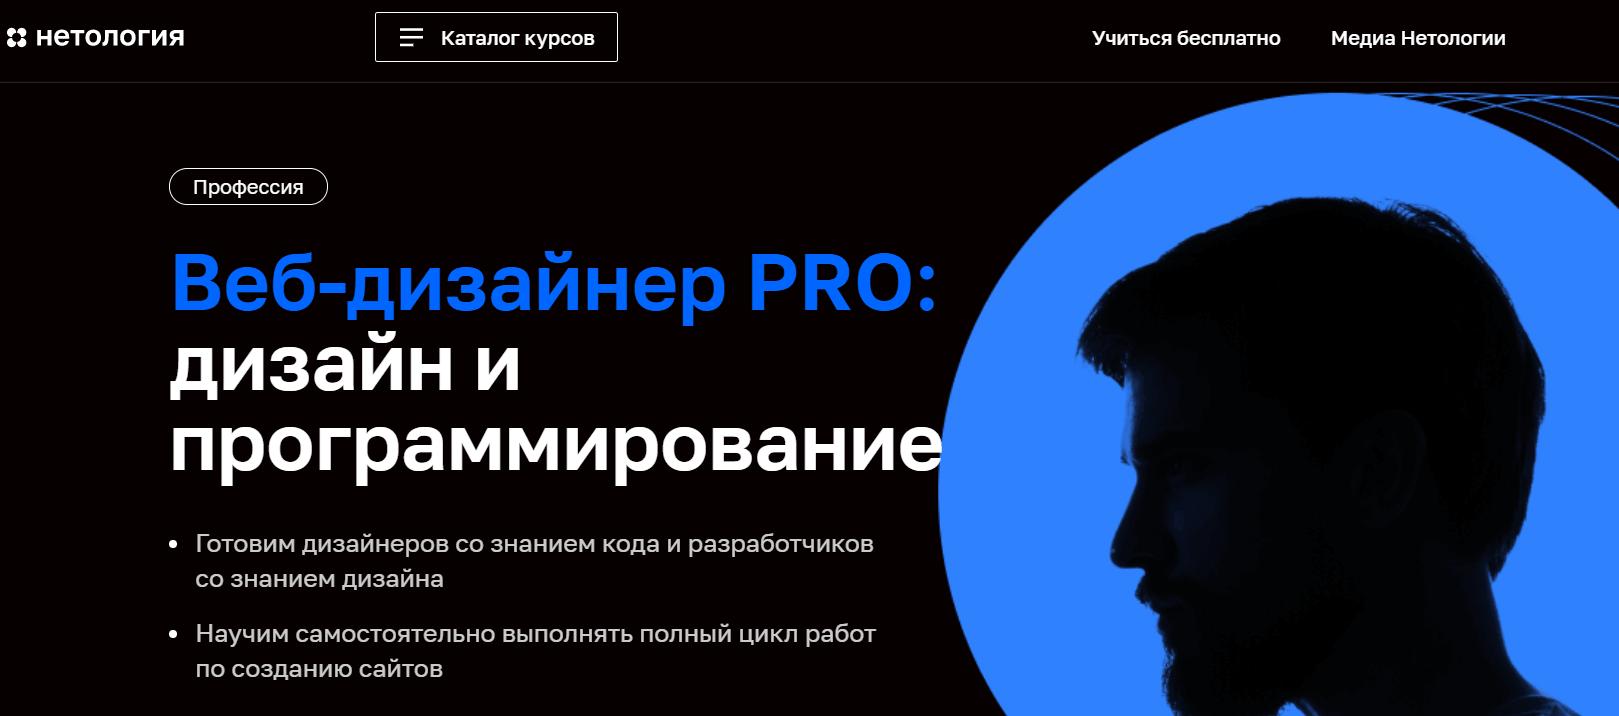 Веб-дизайнер PRO от Нетологии